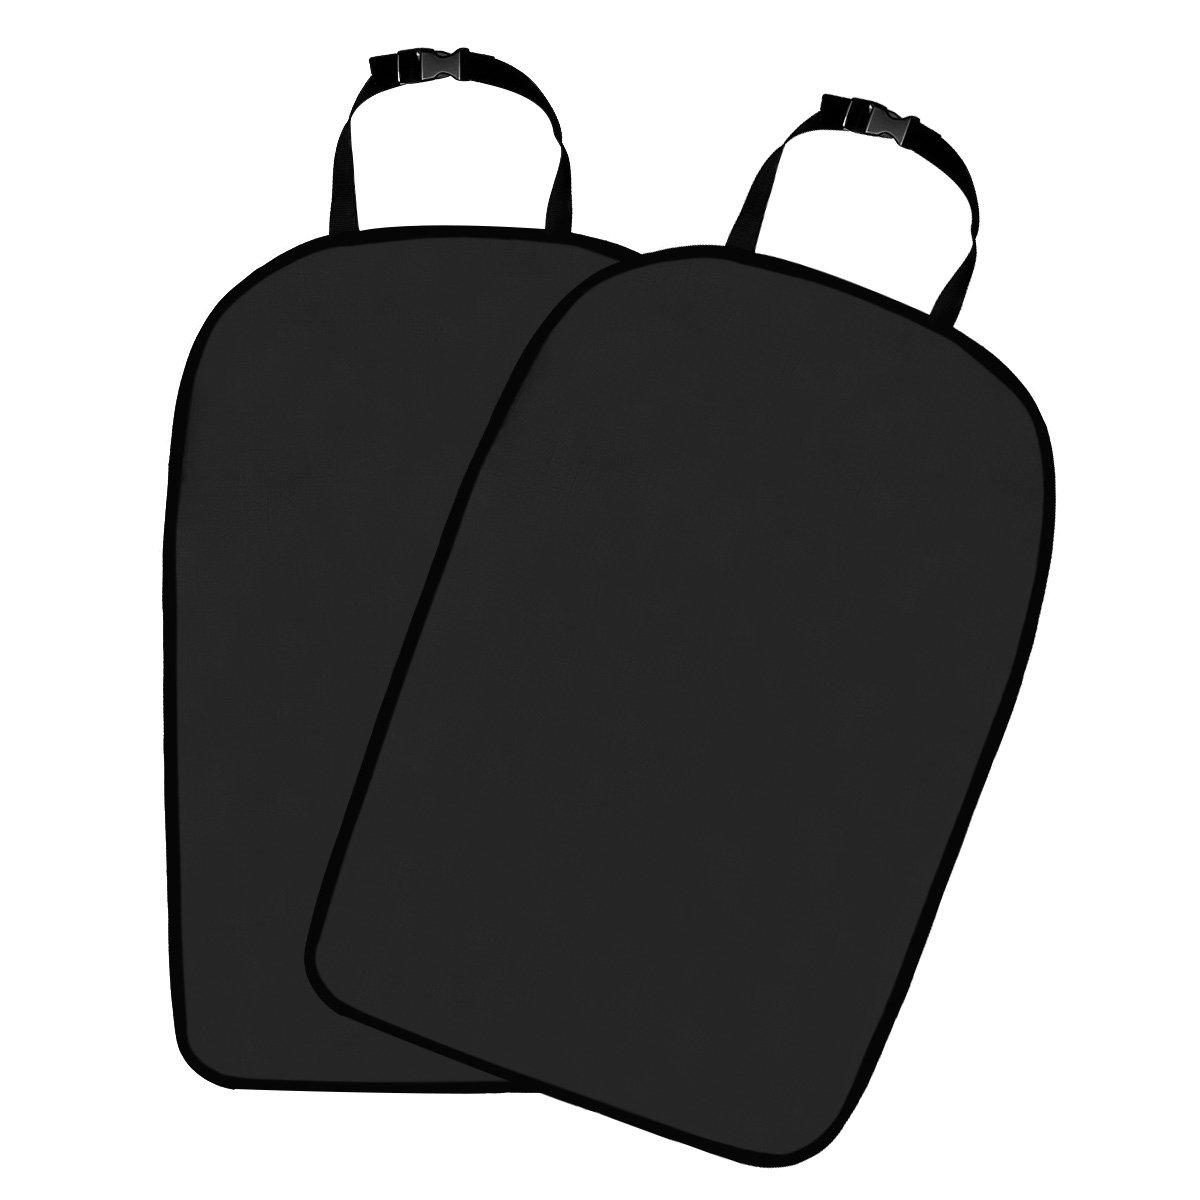 Wuudi auto sedile posteriore cuscino, 2 pz, auto PC sedile posteriore auto sedile posteriore per la protezione antipolvere cuscino bambini che giocano protezione per mantenere pulito 2pz 8C091641W35RK0FV5KQH1